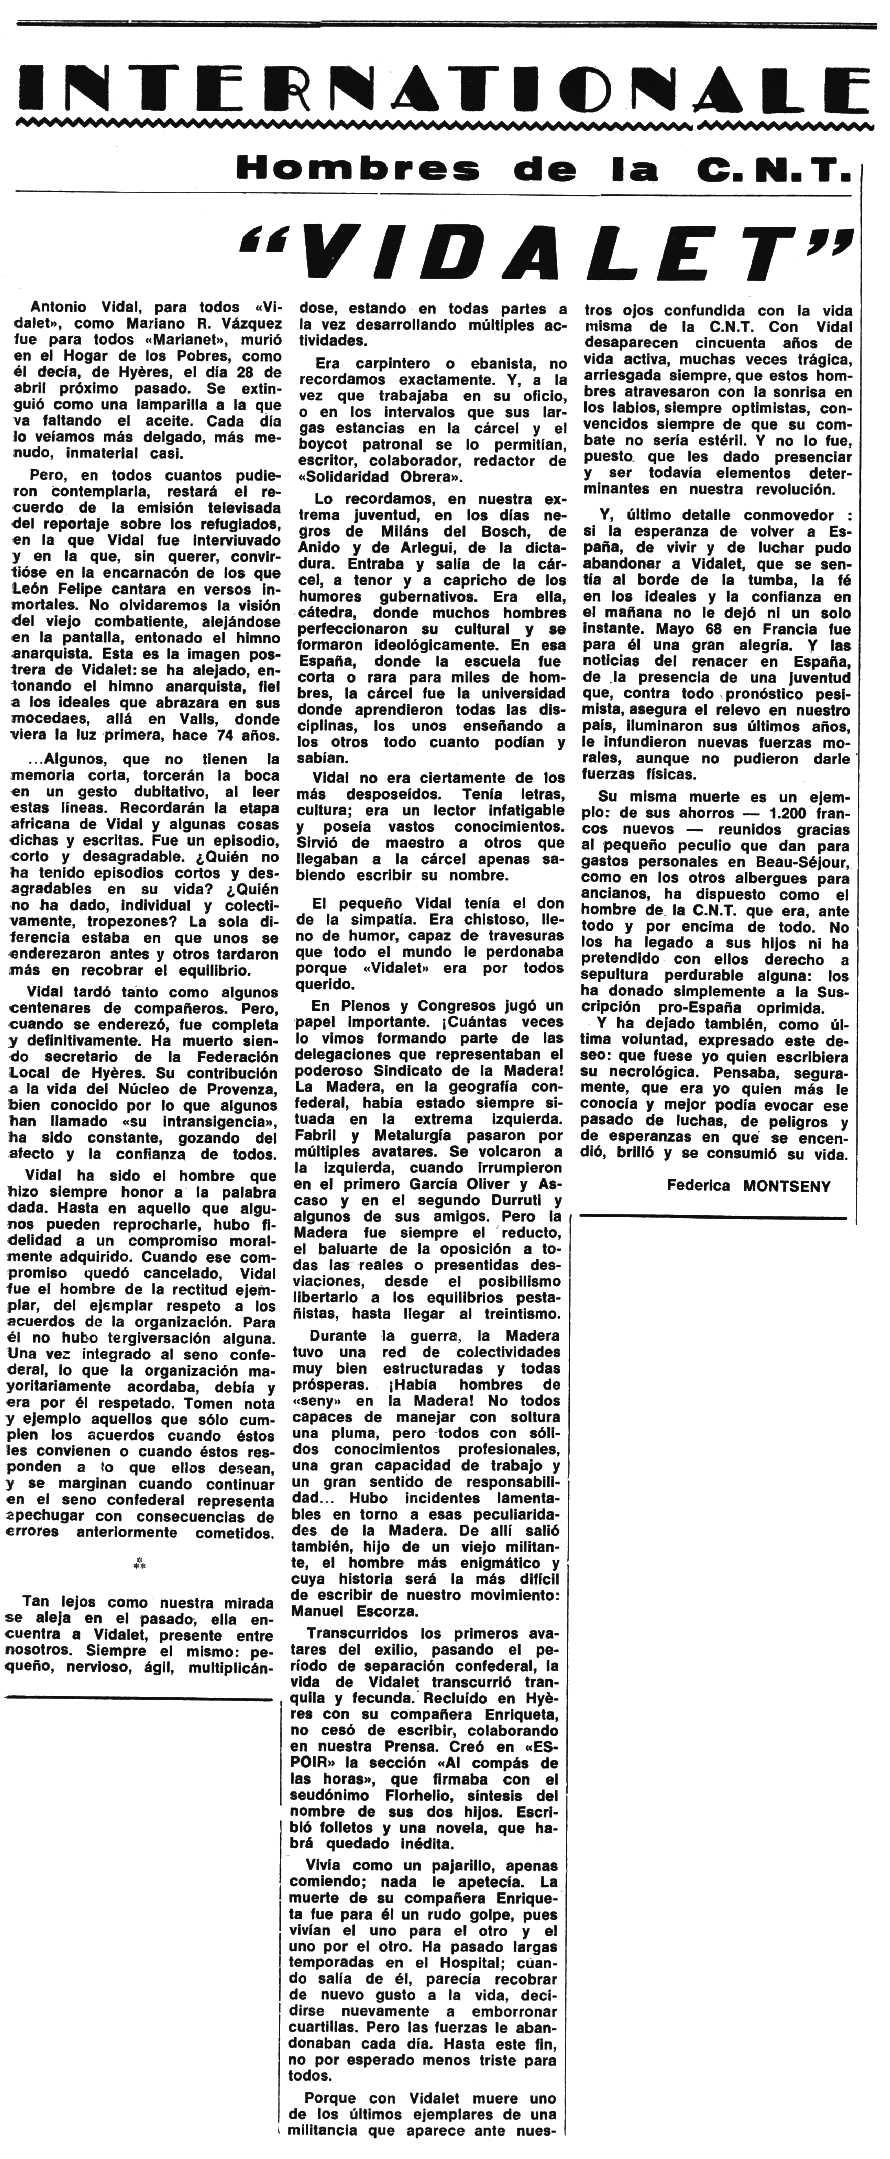 """Necrològica d'Antoni Vidal Dalmau apareguda en el periòdic tolosà """"Espoir"""" del 18 de juny de 1972"""